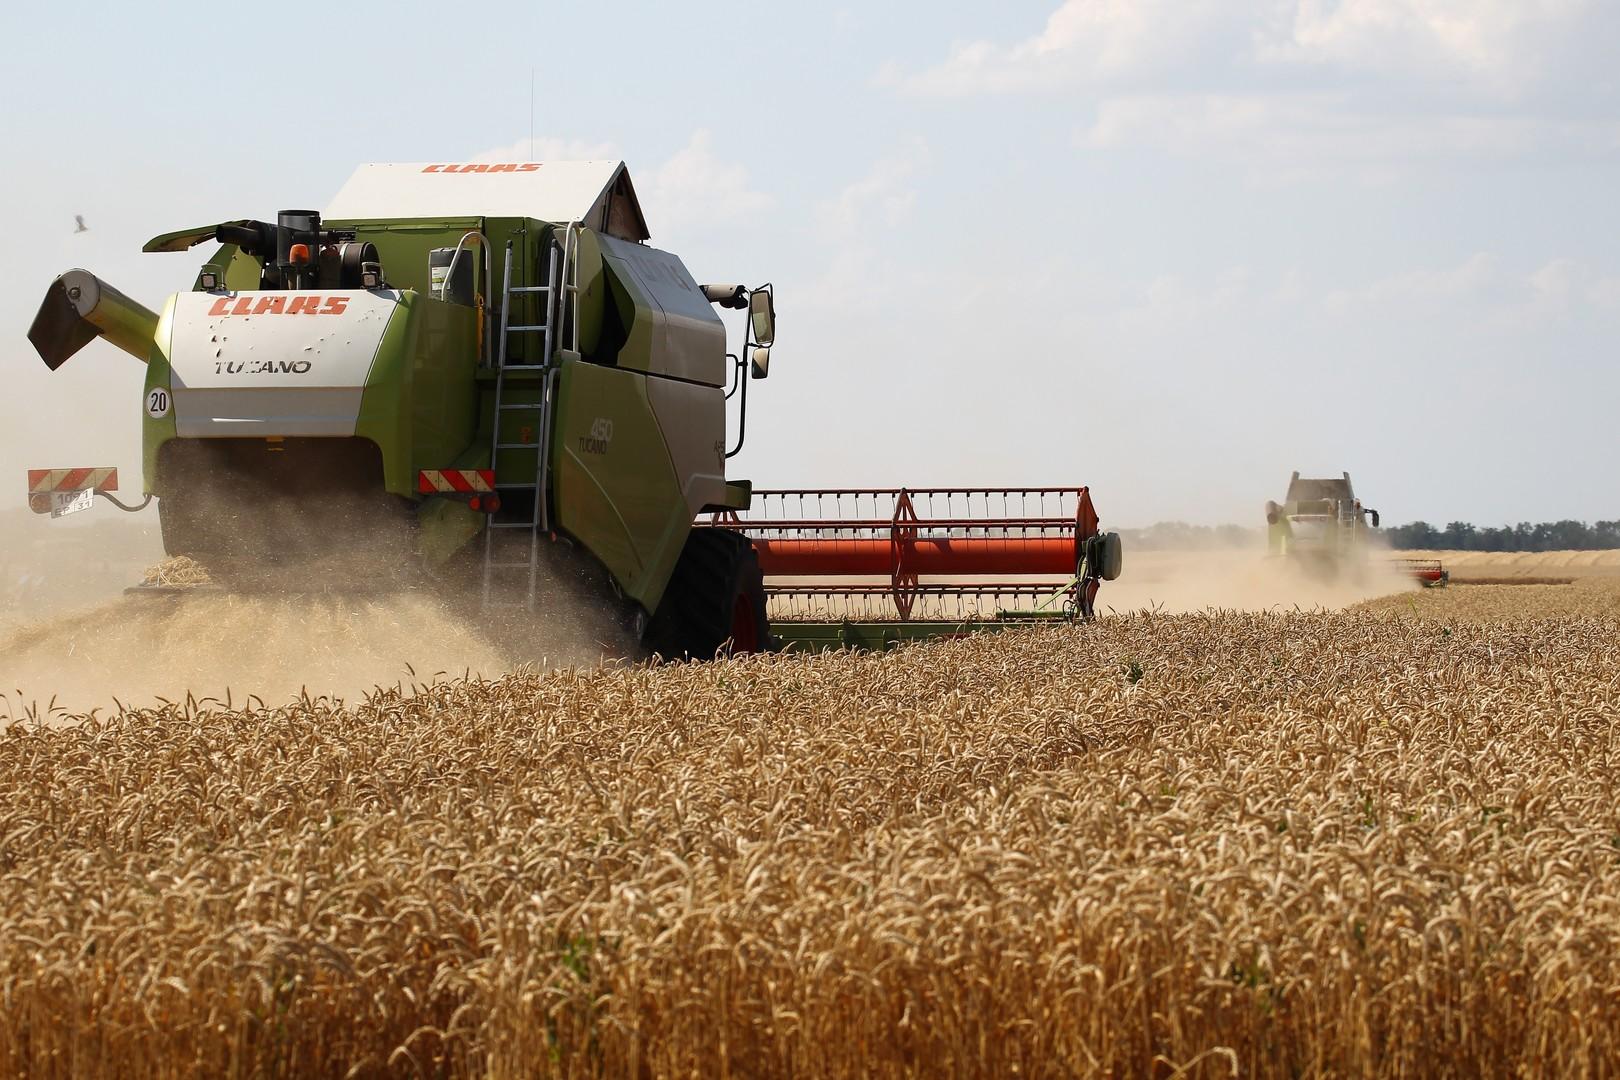 روسيا تدعم قطاعها الزراعي بإجراء جديد